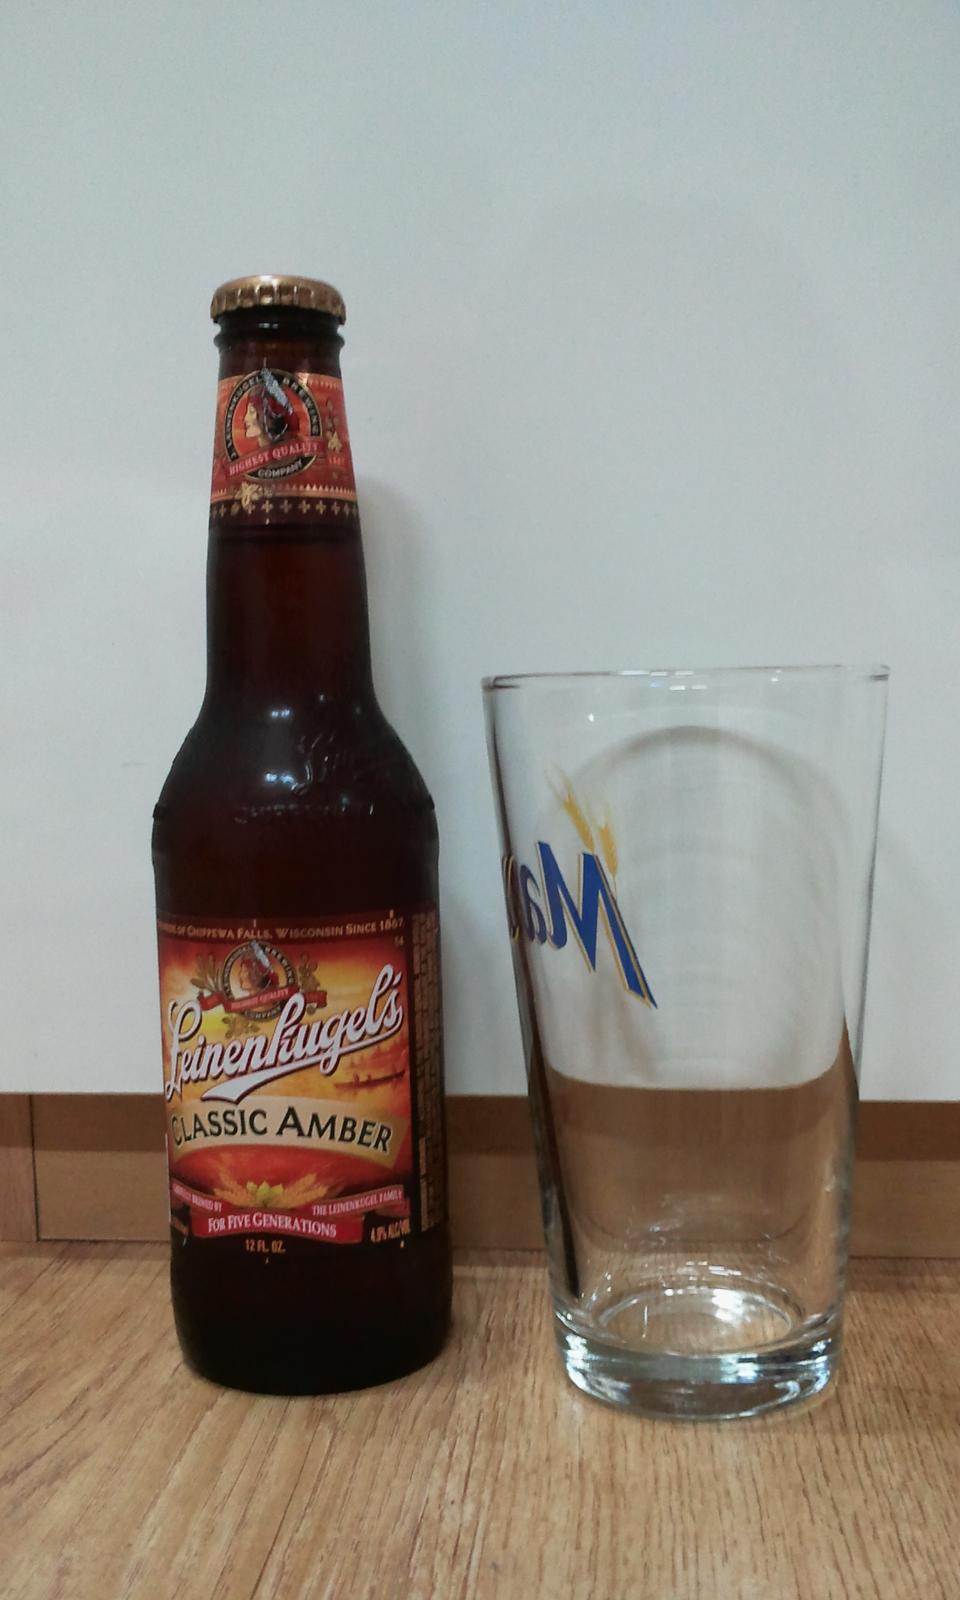 [미국]Leinenkugel Classic Amber(리넨쿠겔..